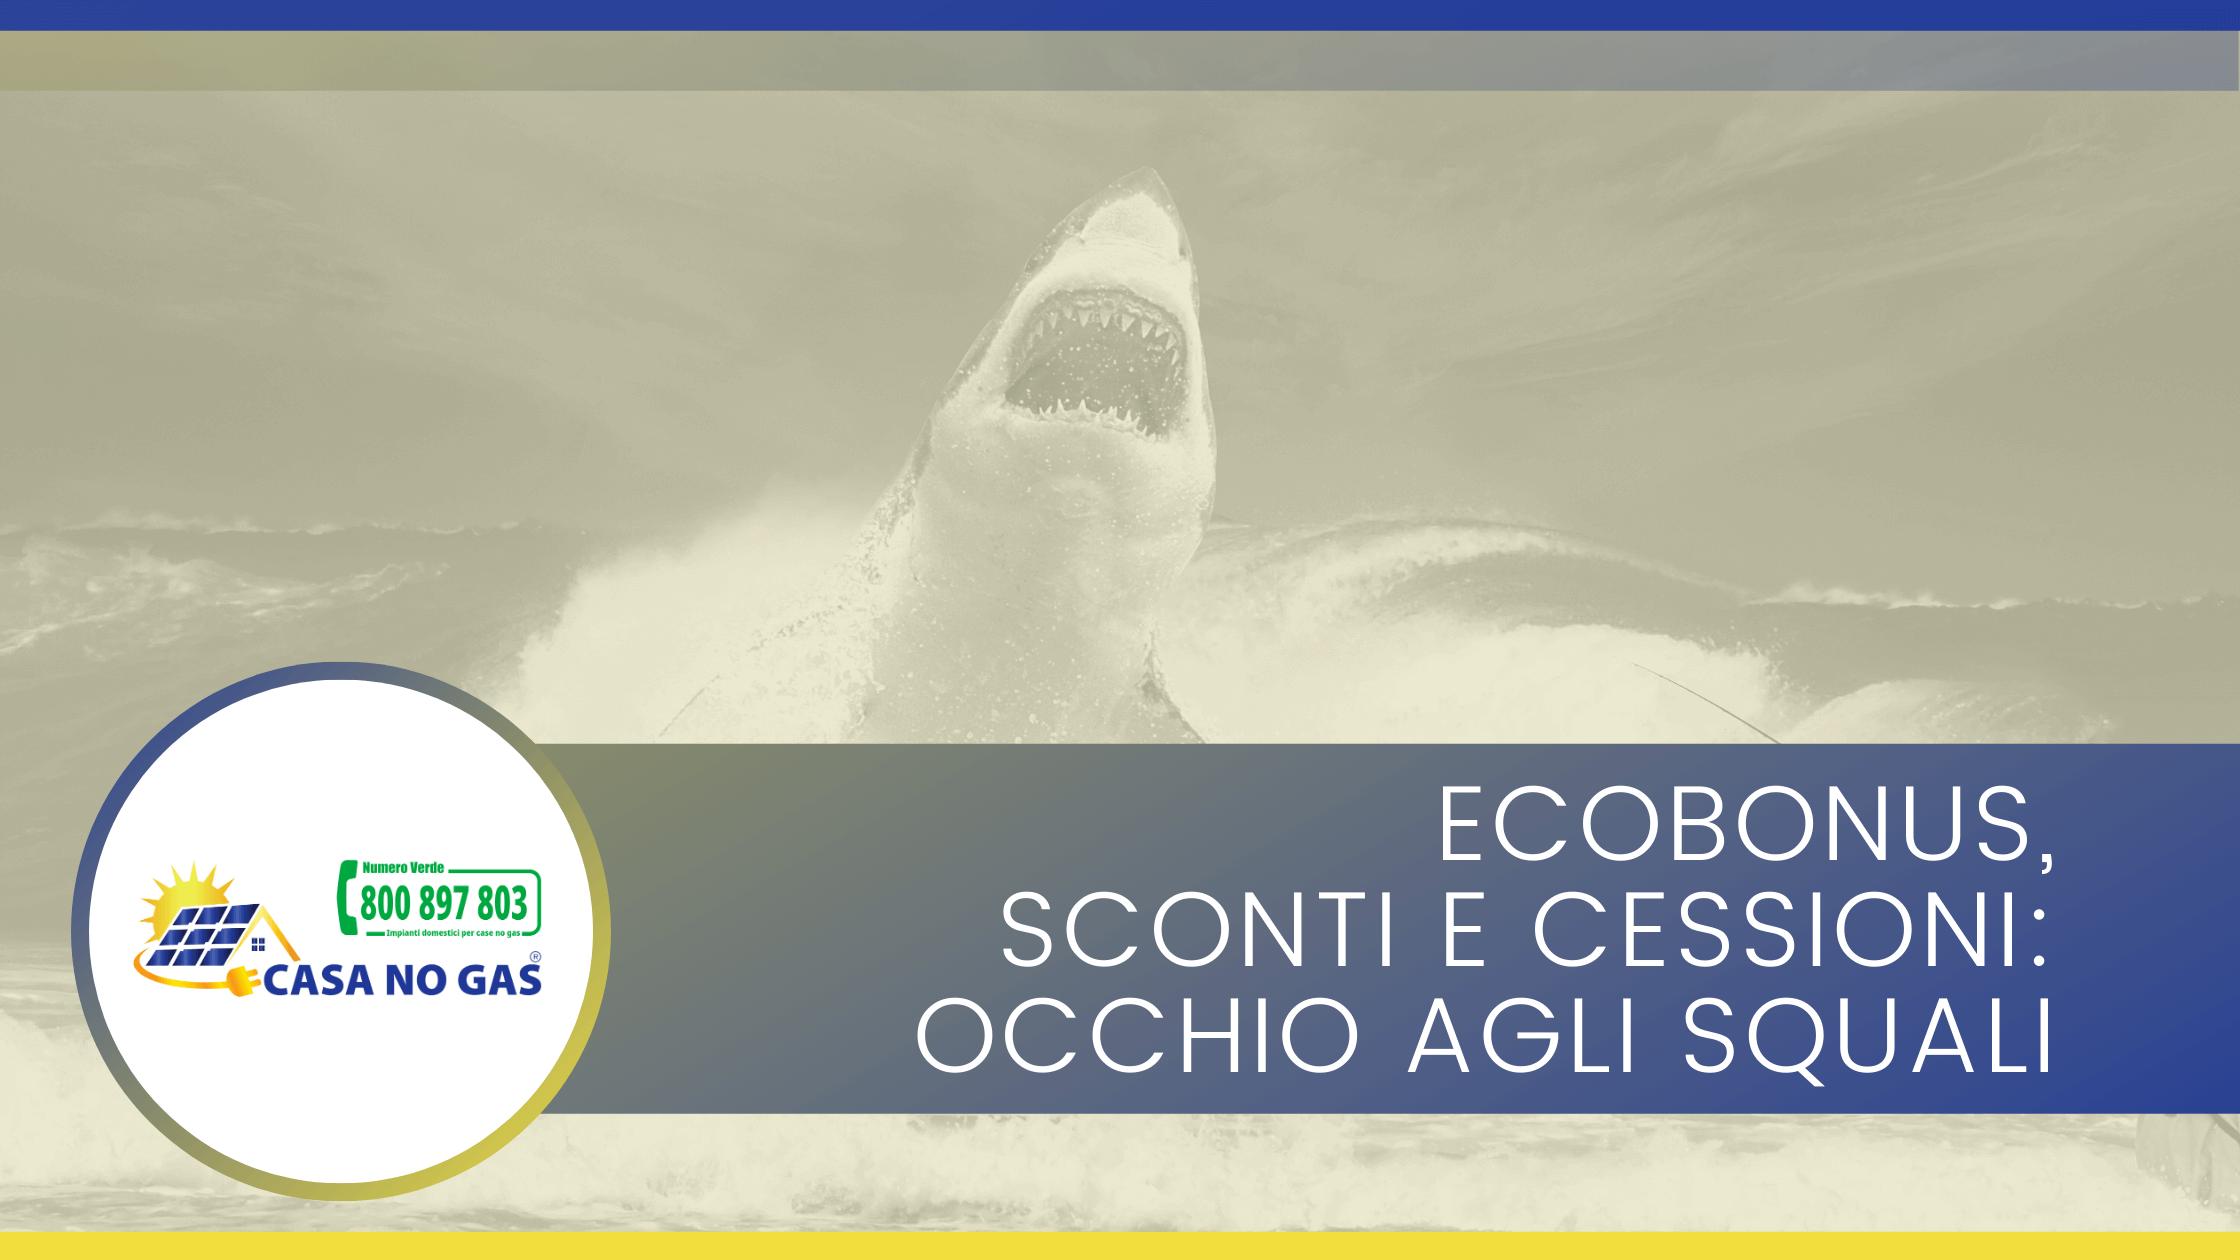 Ecobonus sconti e cessioni occhio agli squali